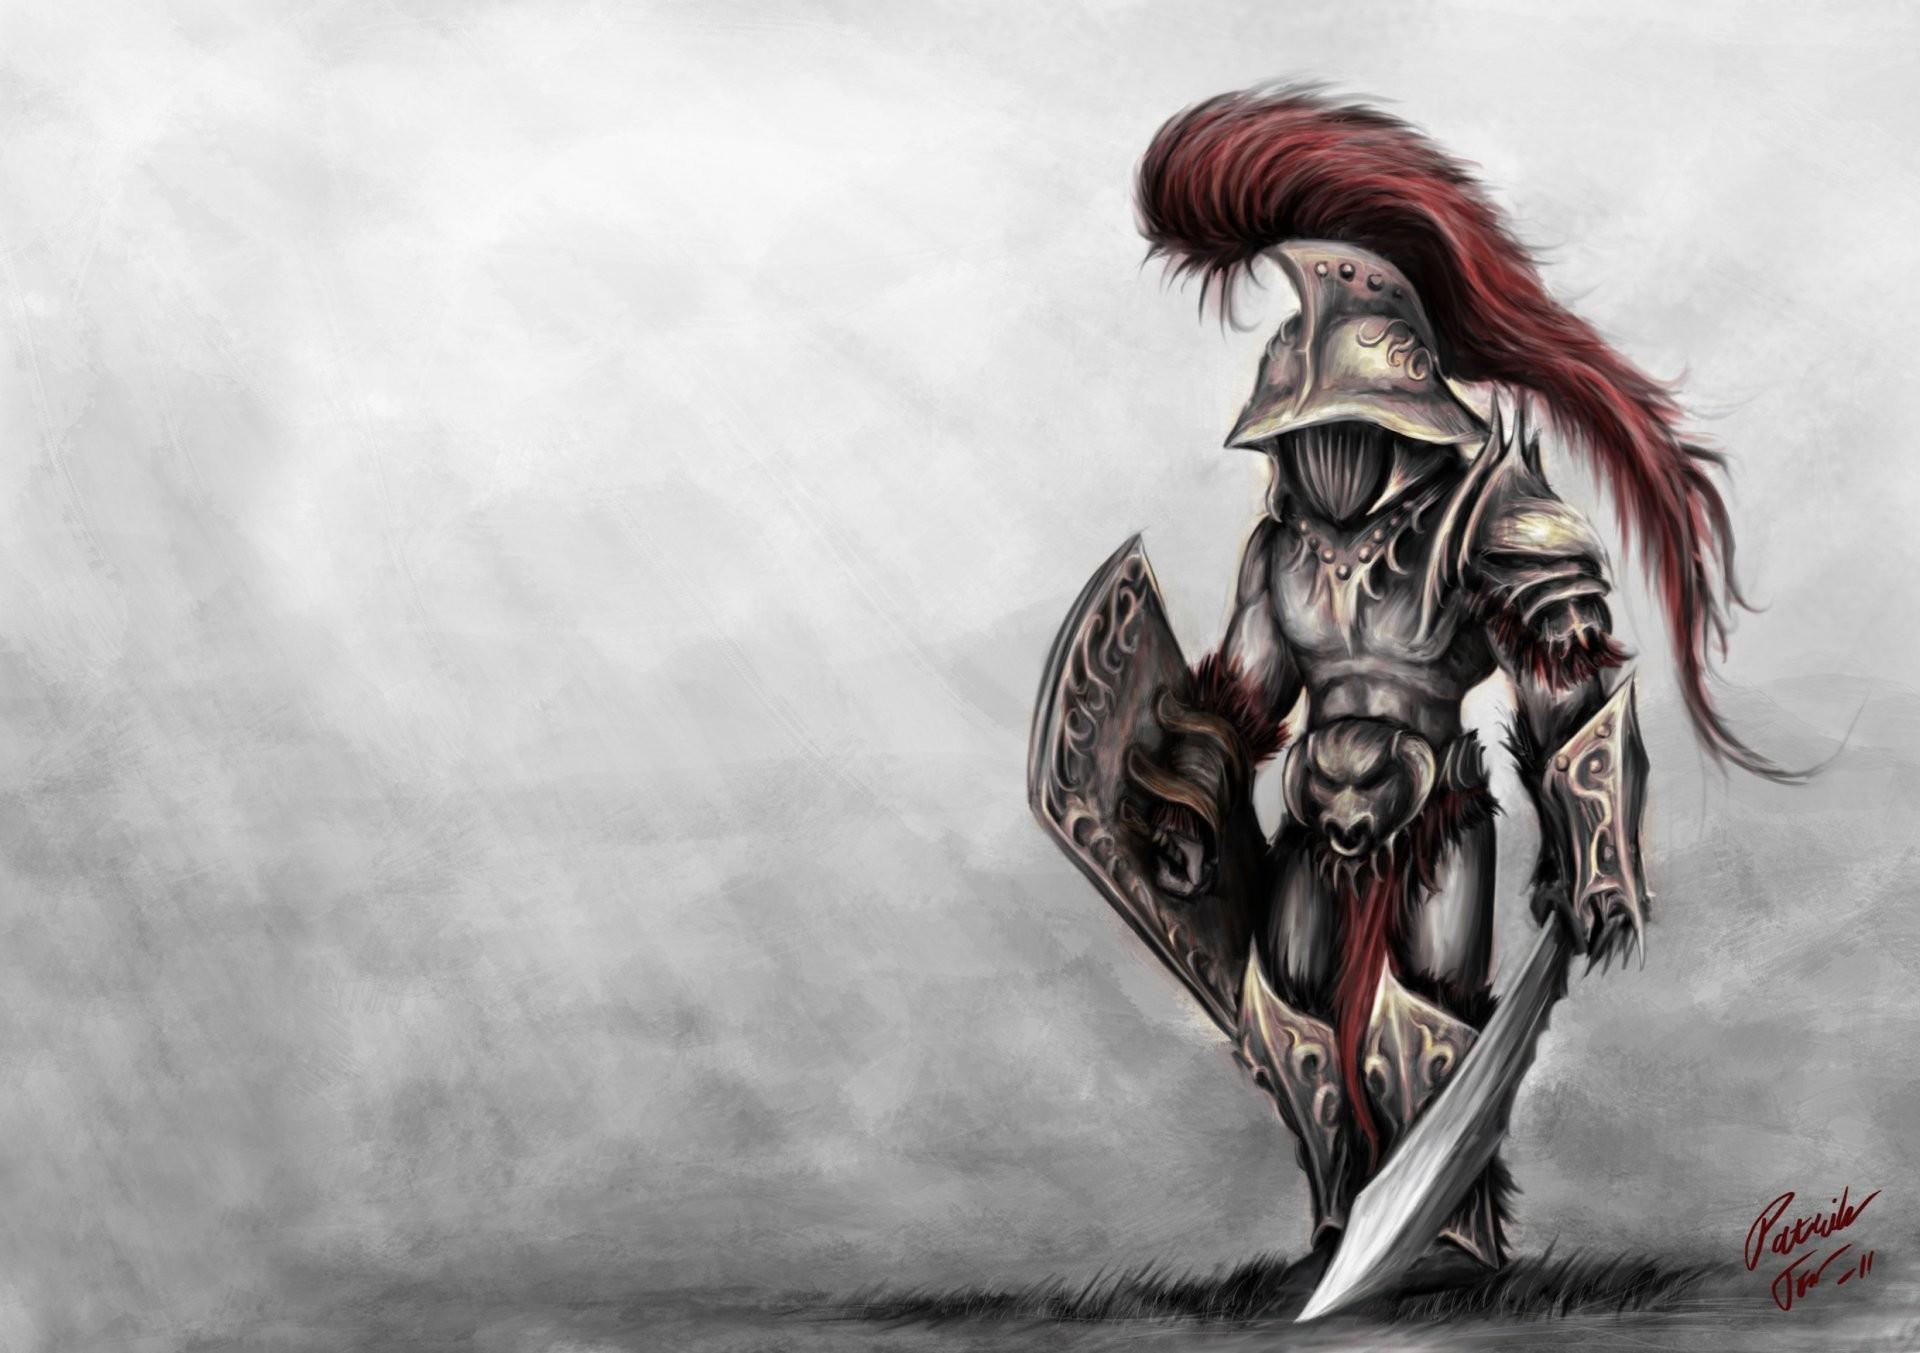 murmillo gladiator warrior background